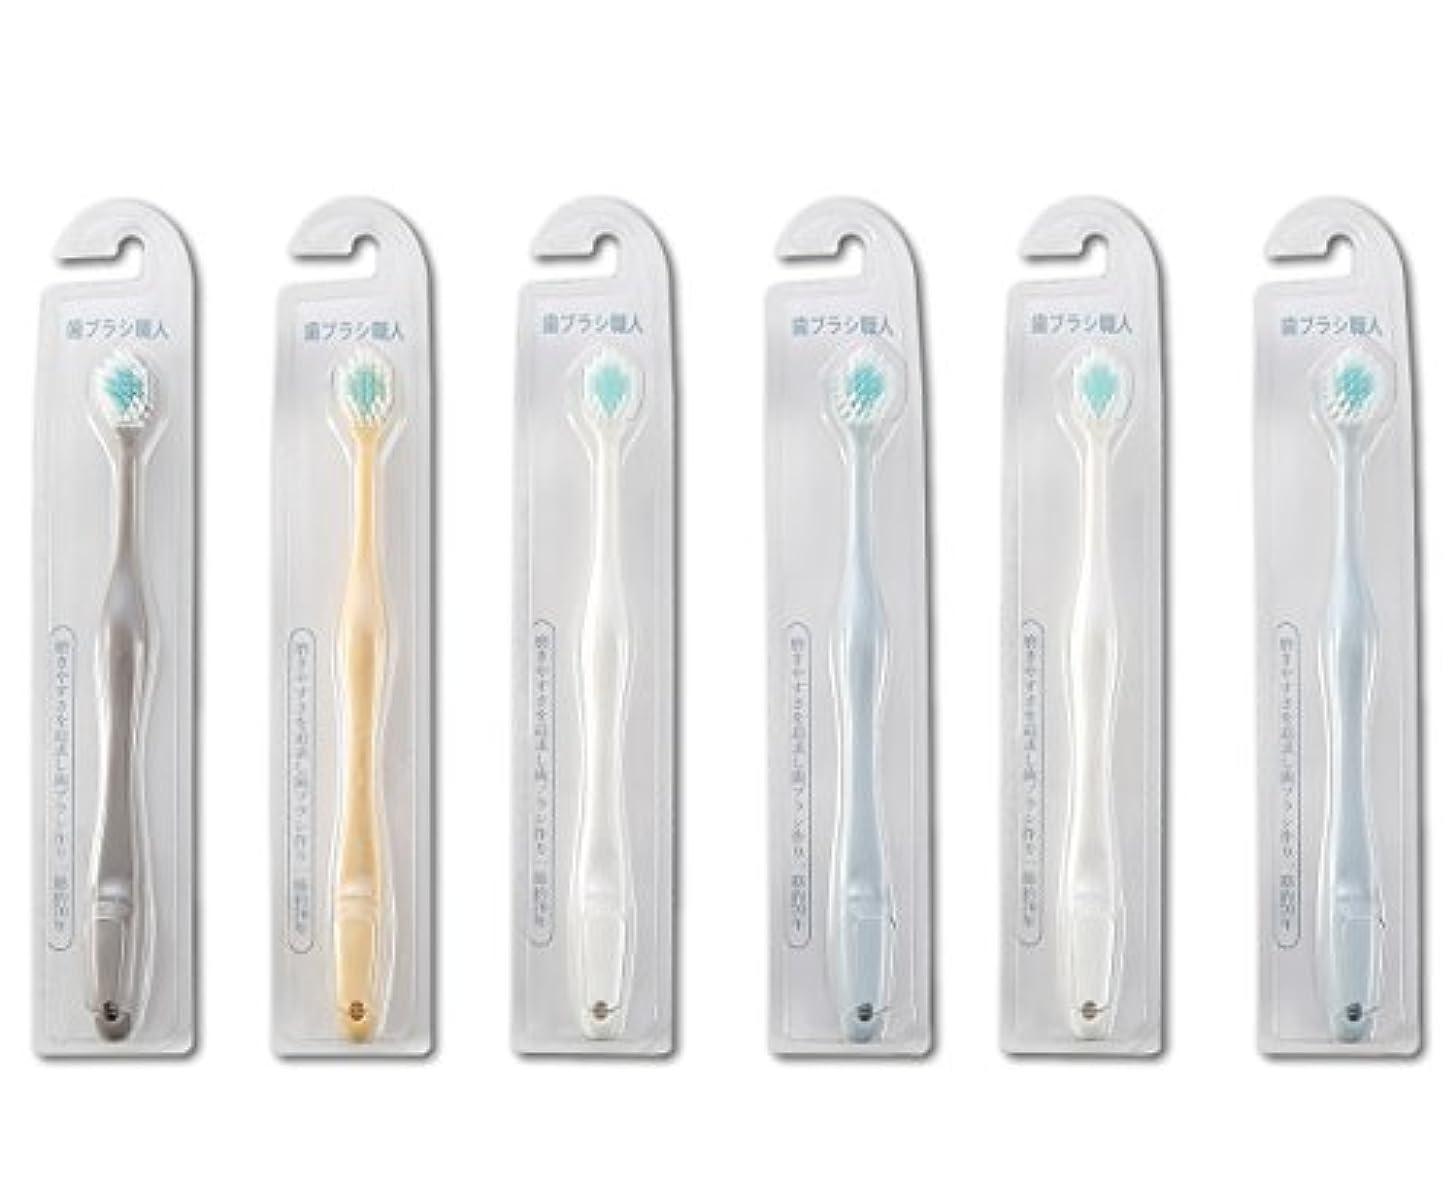 着飾る勇気のある光電歯ブラシ職人Artooth ® 田辺重吉 磨きやすい歯ブラシ ワイド 6列レギュラー AT-30 (6本組)